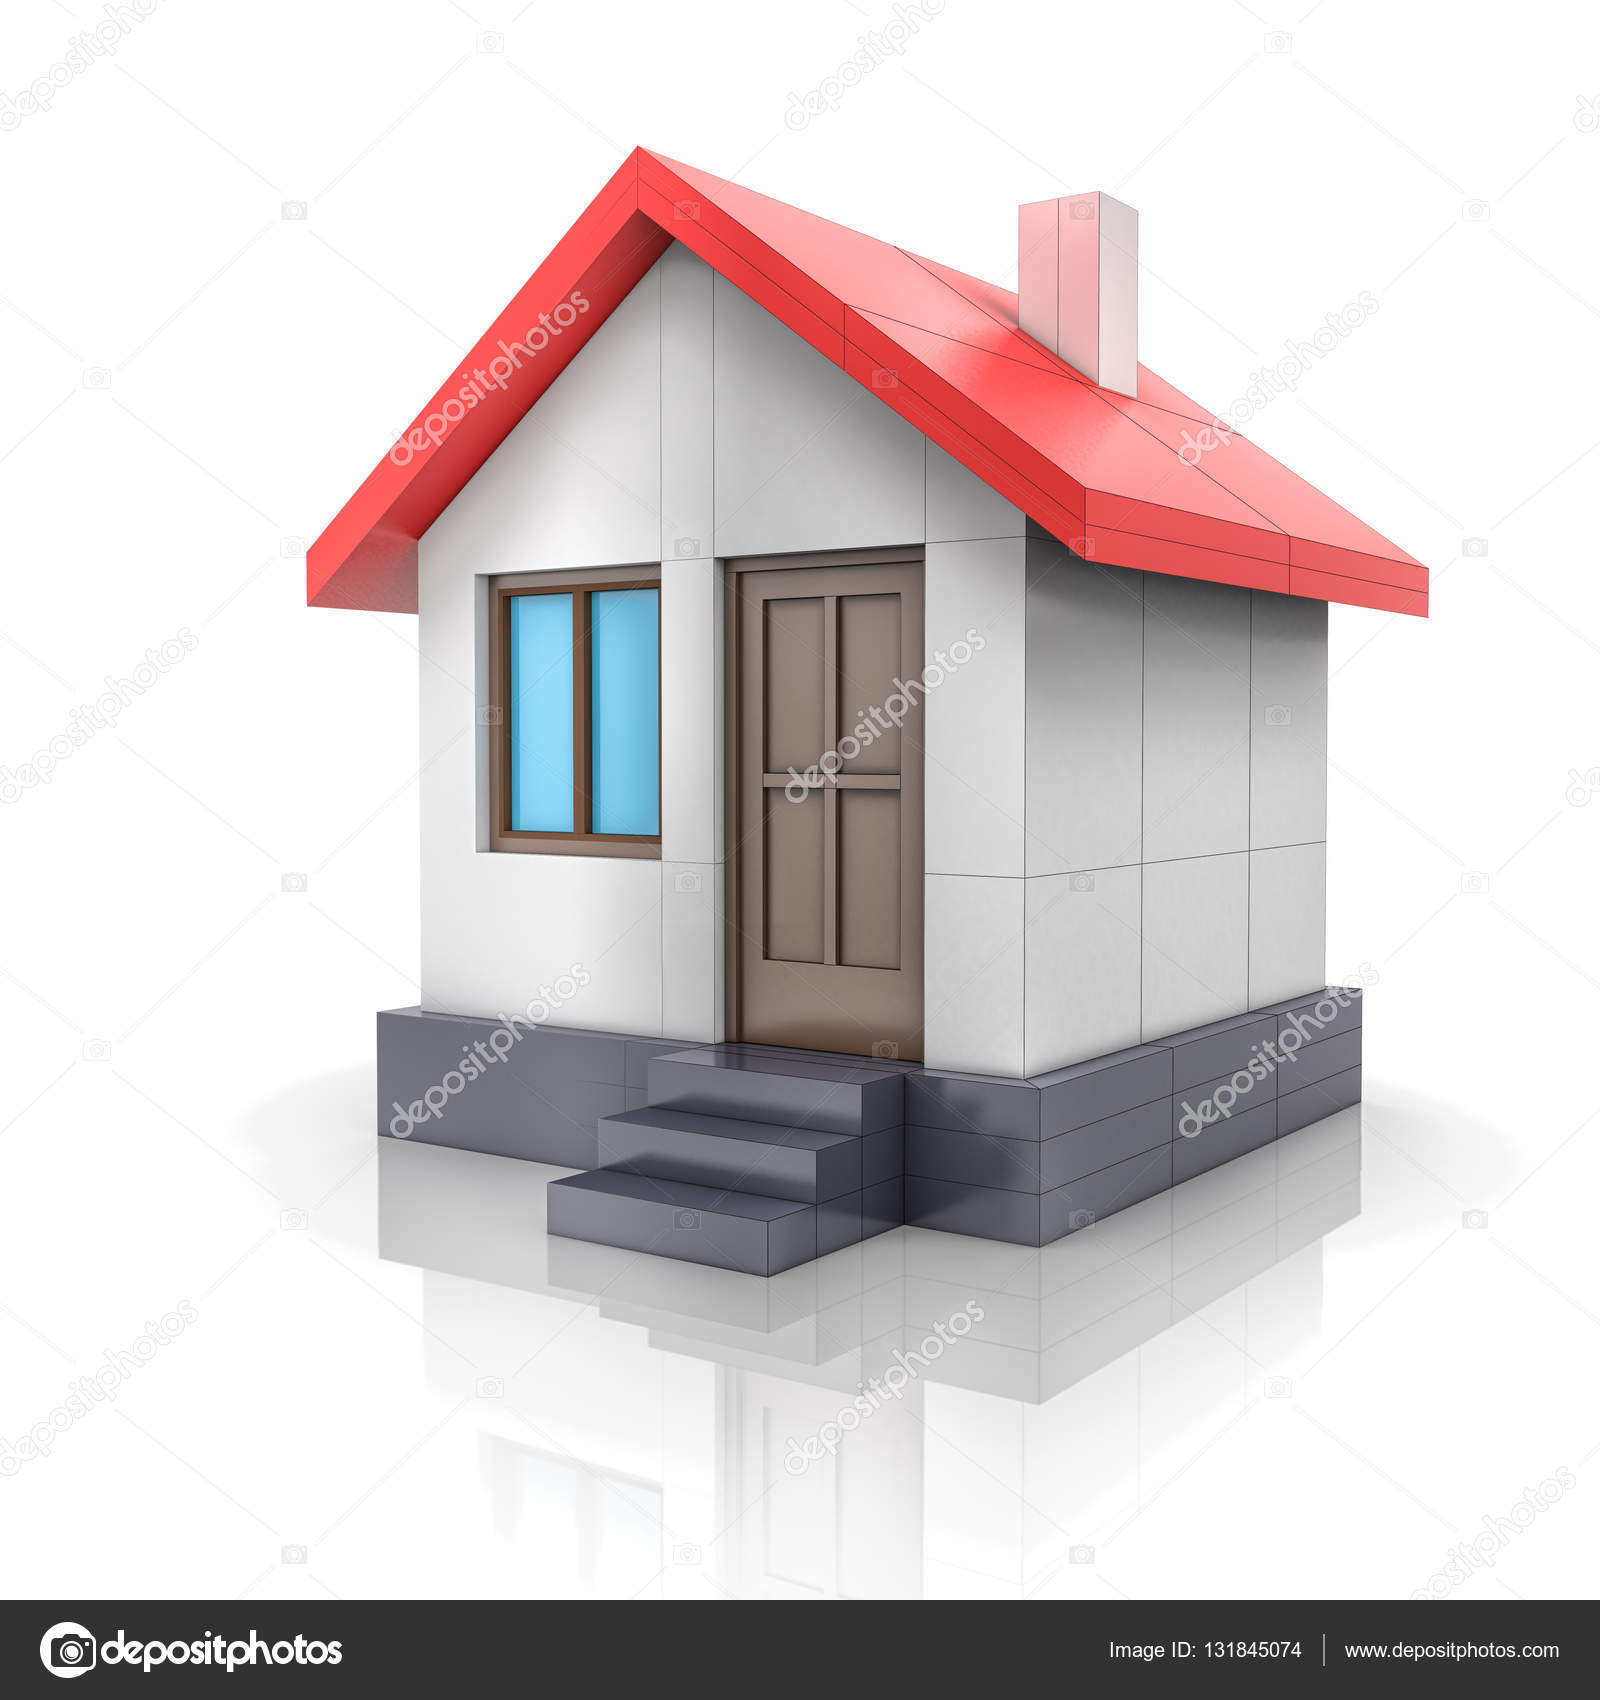 Progetto di casa disegno si trasforma in modello 3d foto stock cherezoff 131845074 - Disegno progetto casa ...